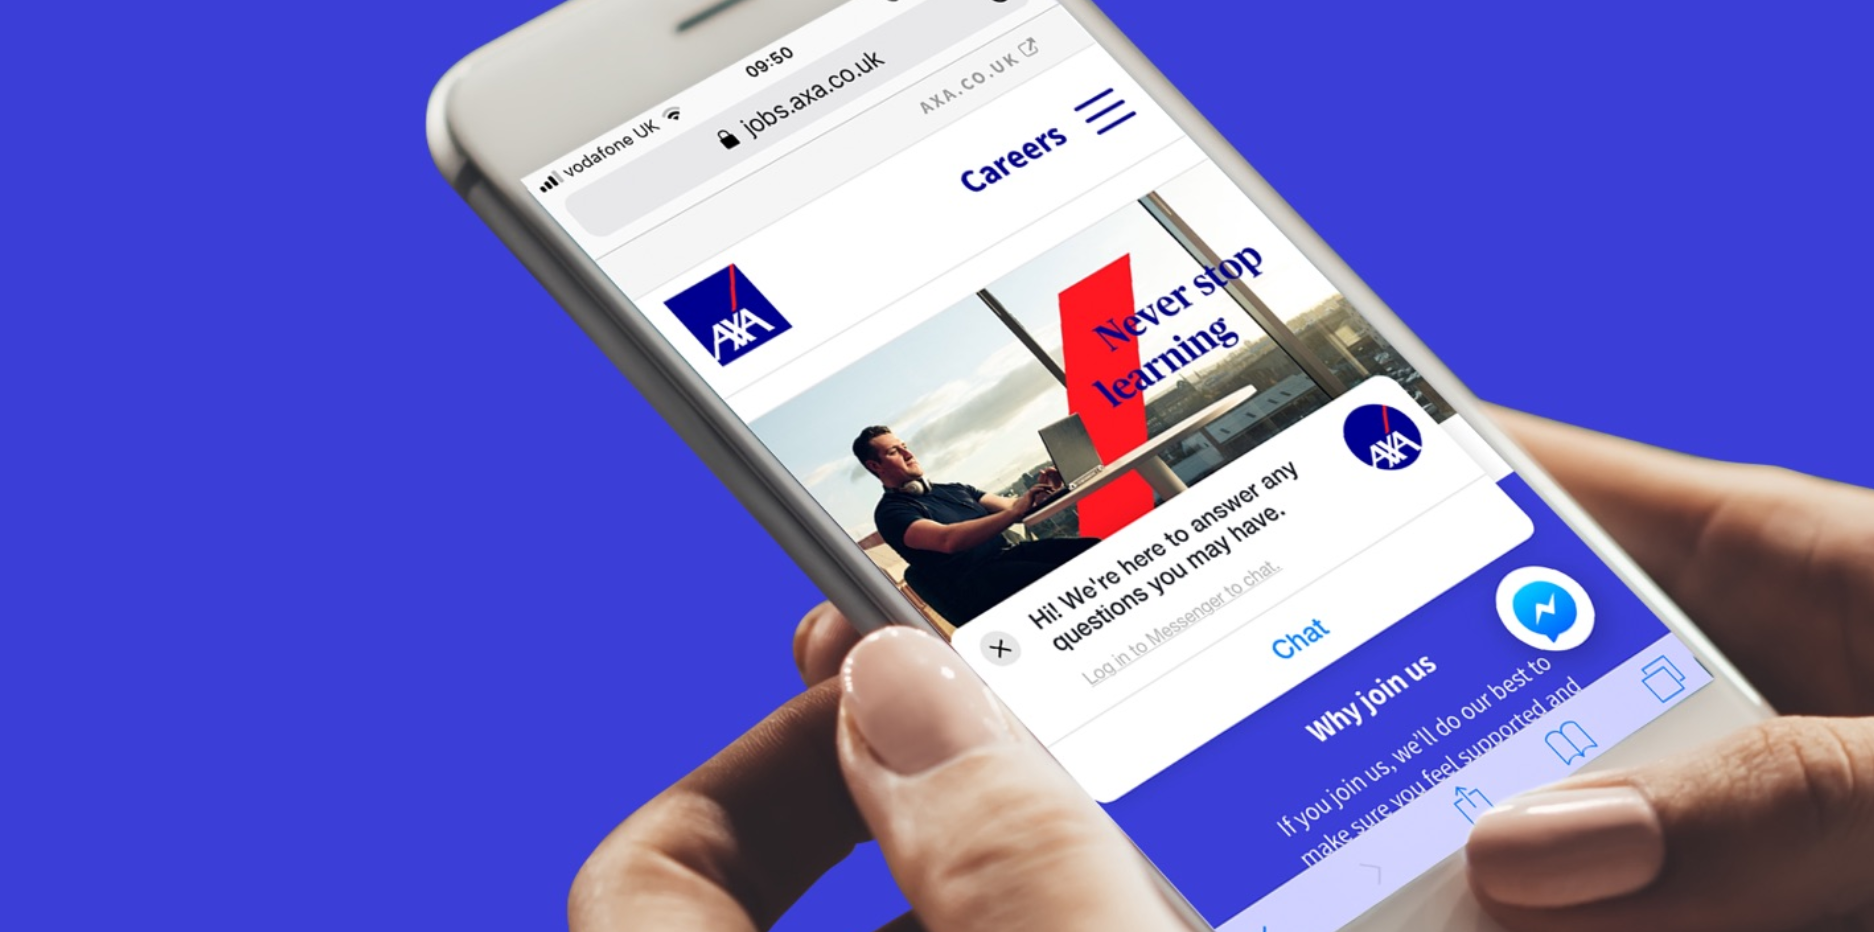 Mobilna wersja strony rekrutacyjnej Axa. (fot. thirtythree.co.uk)